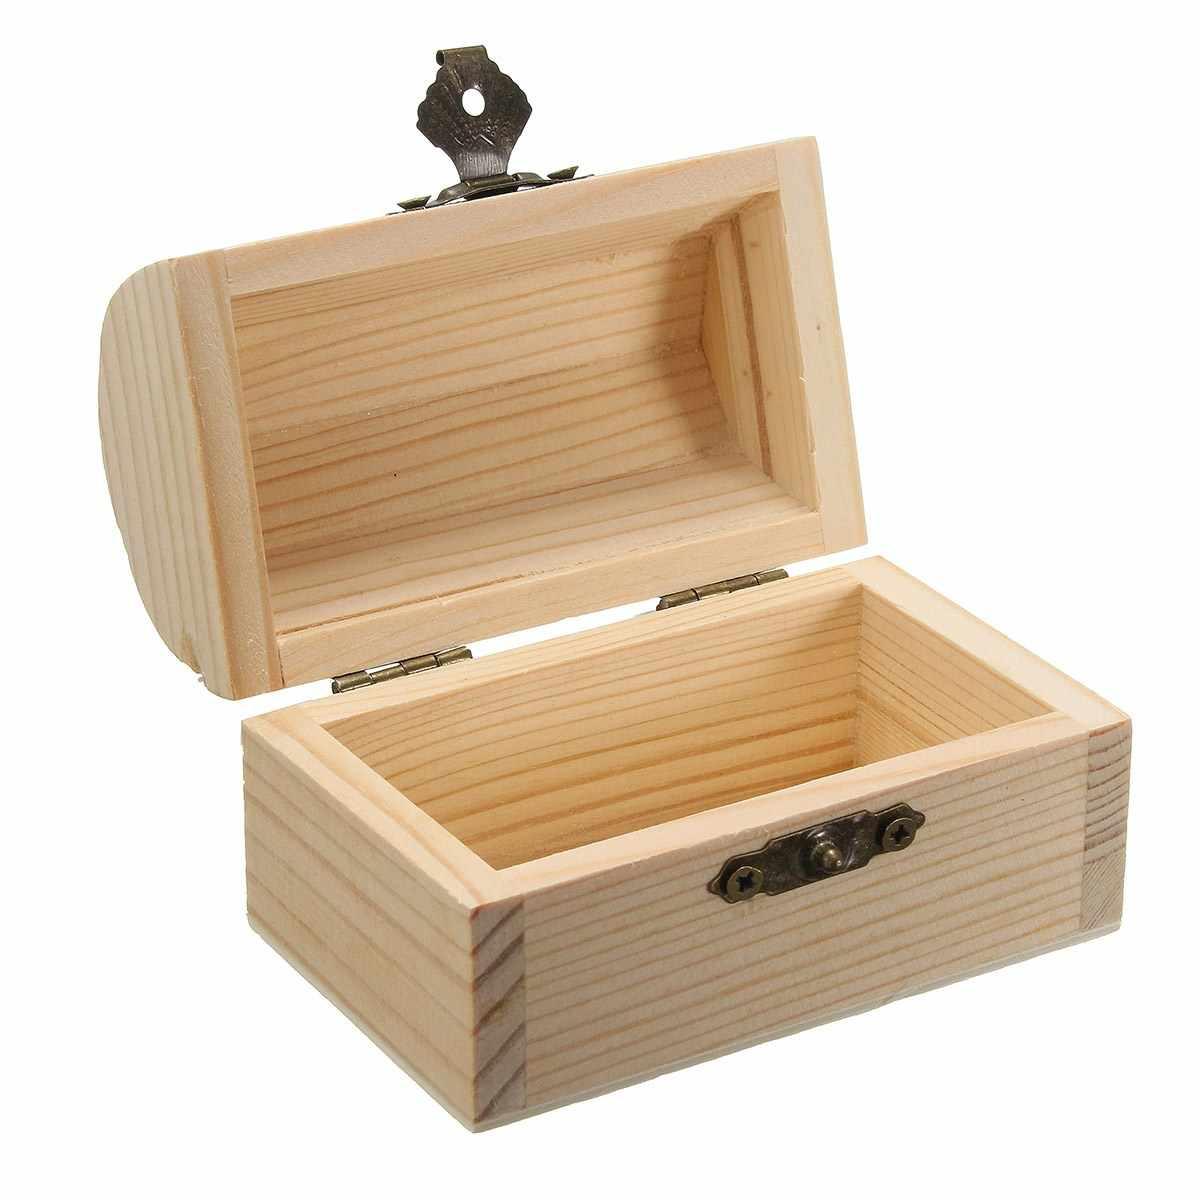 KiWarm многофункциональная коробка для хранения из натурального дерева с крышкой, открытка, Домашний Органайзер ручной работы, ювелирный кейс, банка, декоративная коробка